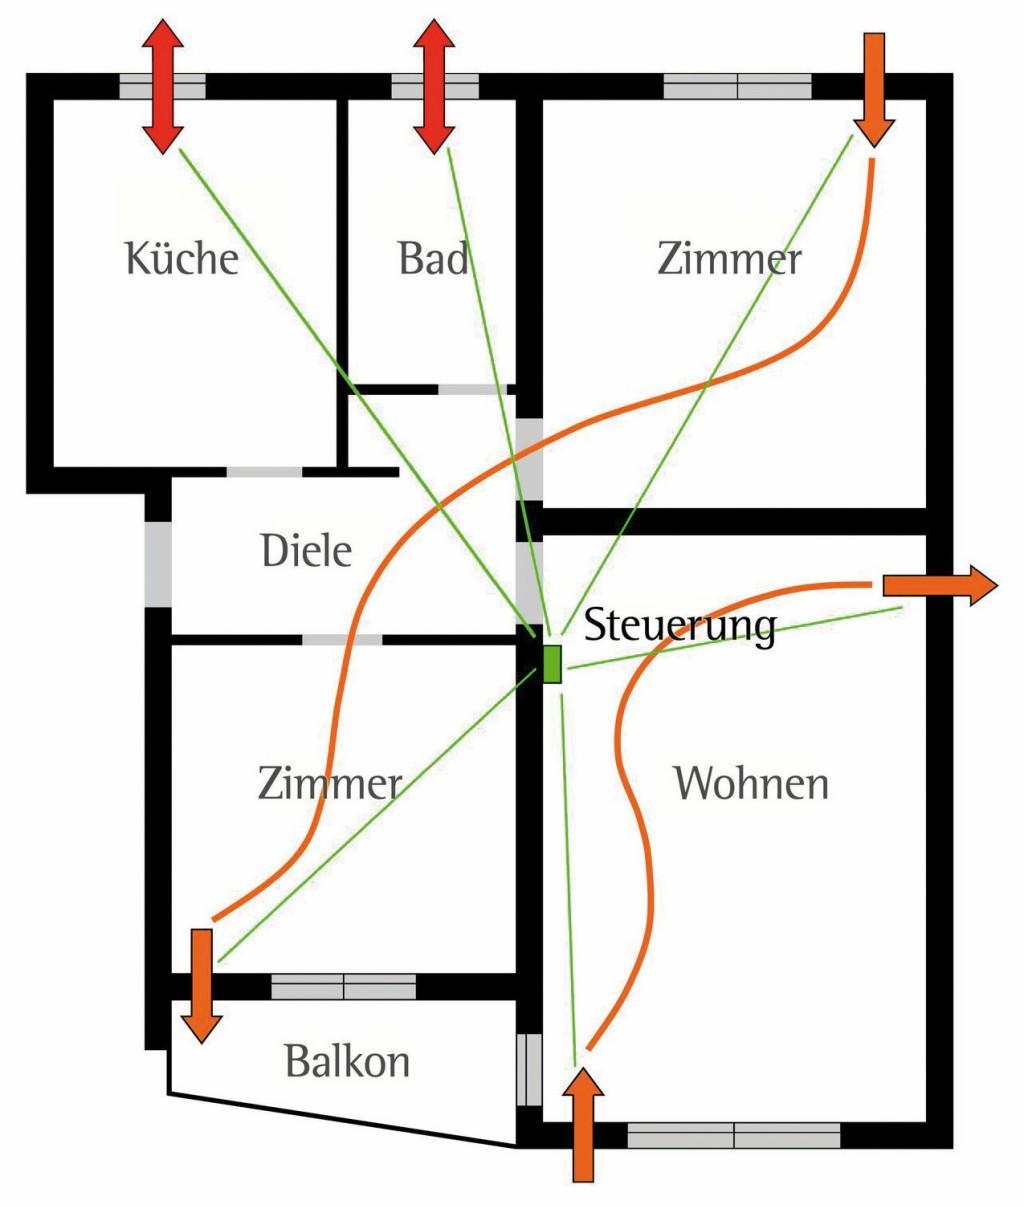 Das dezentrale Wohnraumlüftungssystem, das die Lüftungsgeräte e2 und ego kombiniert, ist für alle Arten von Effizienzhäusern geeignet. Bild: Lunos